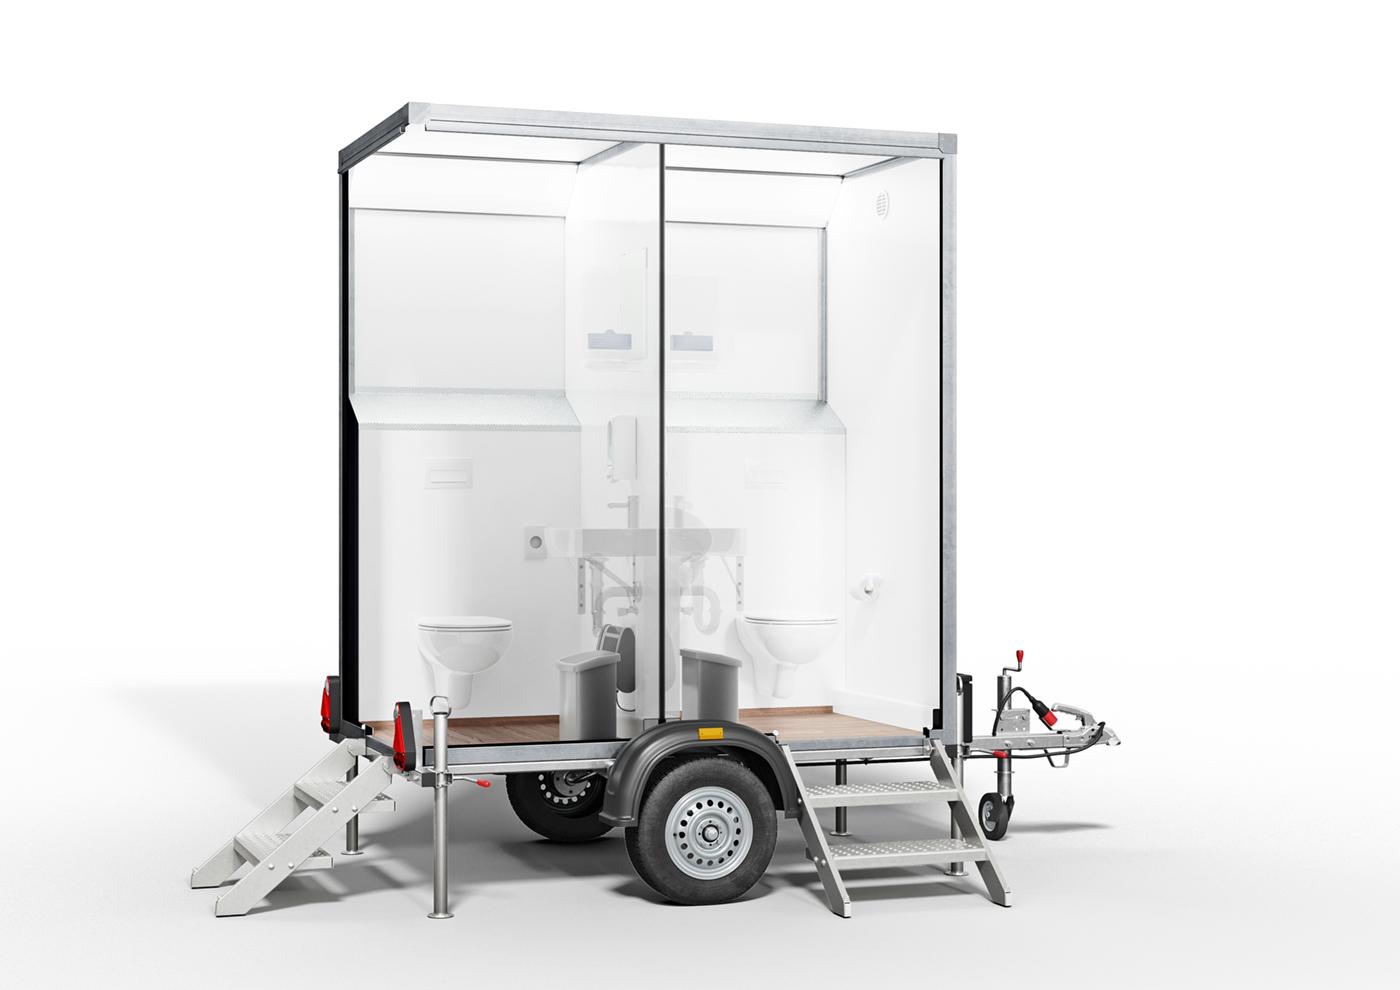 der eco wc trailer s toilettenwagen mieten f r jeden anlass toi toi dixi. Black Bedroom Furniture Sets. Home Design Ideas